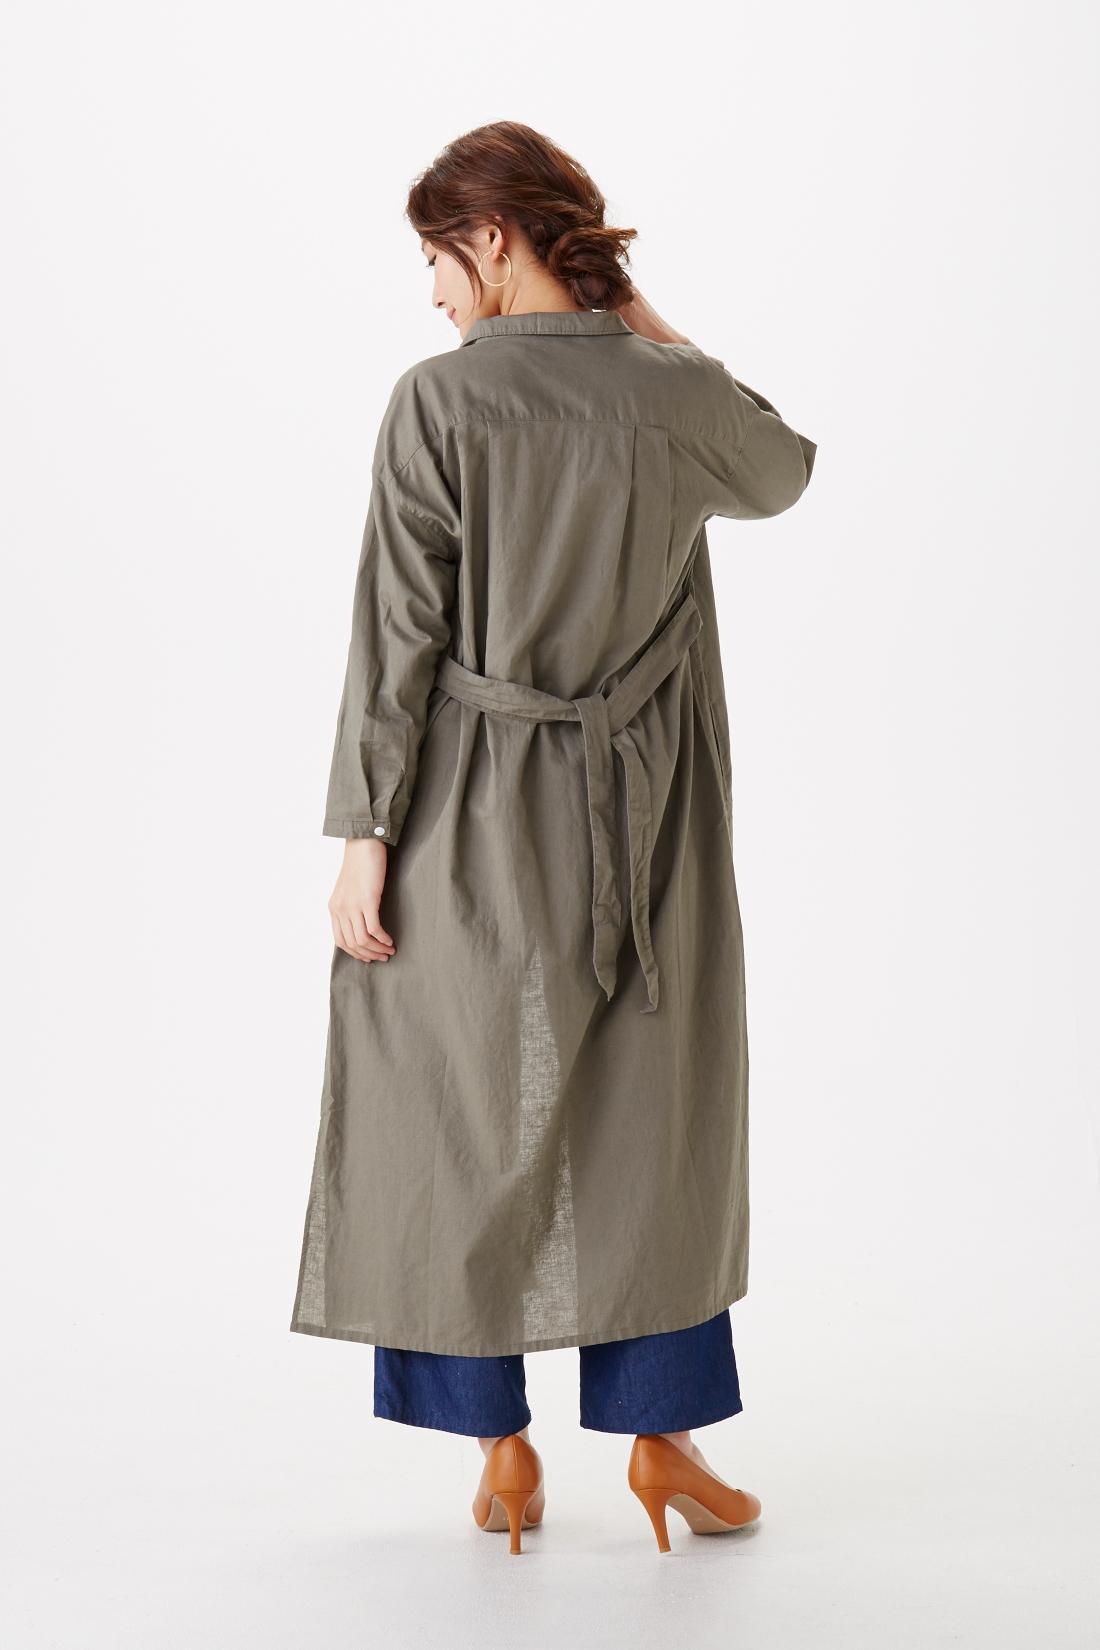 はおりとしても。モデル身長:165cm 着用サイズ:M ※着用イメージです。お届けするカラーとは異なります。